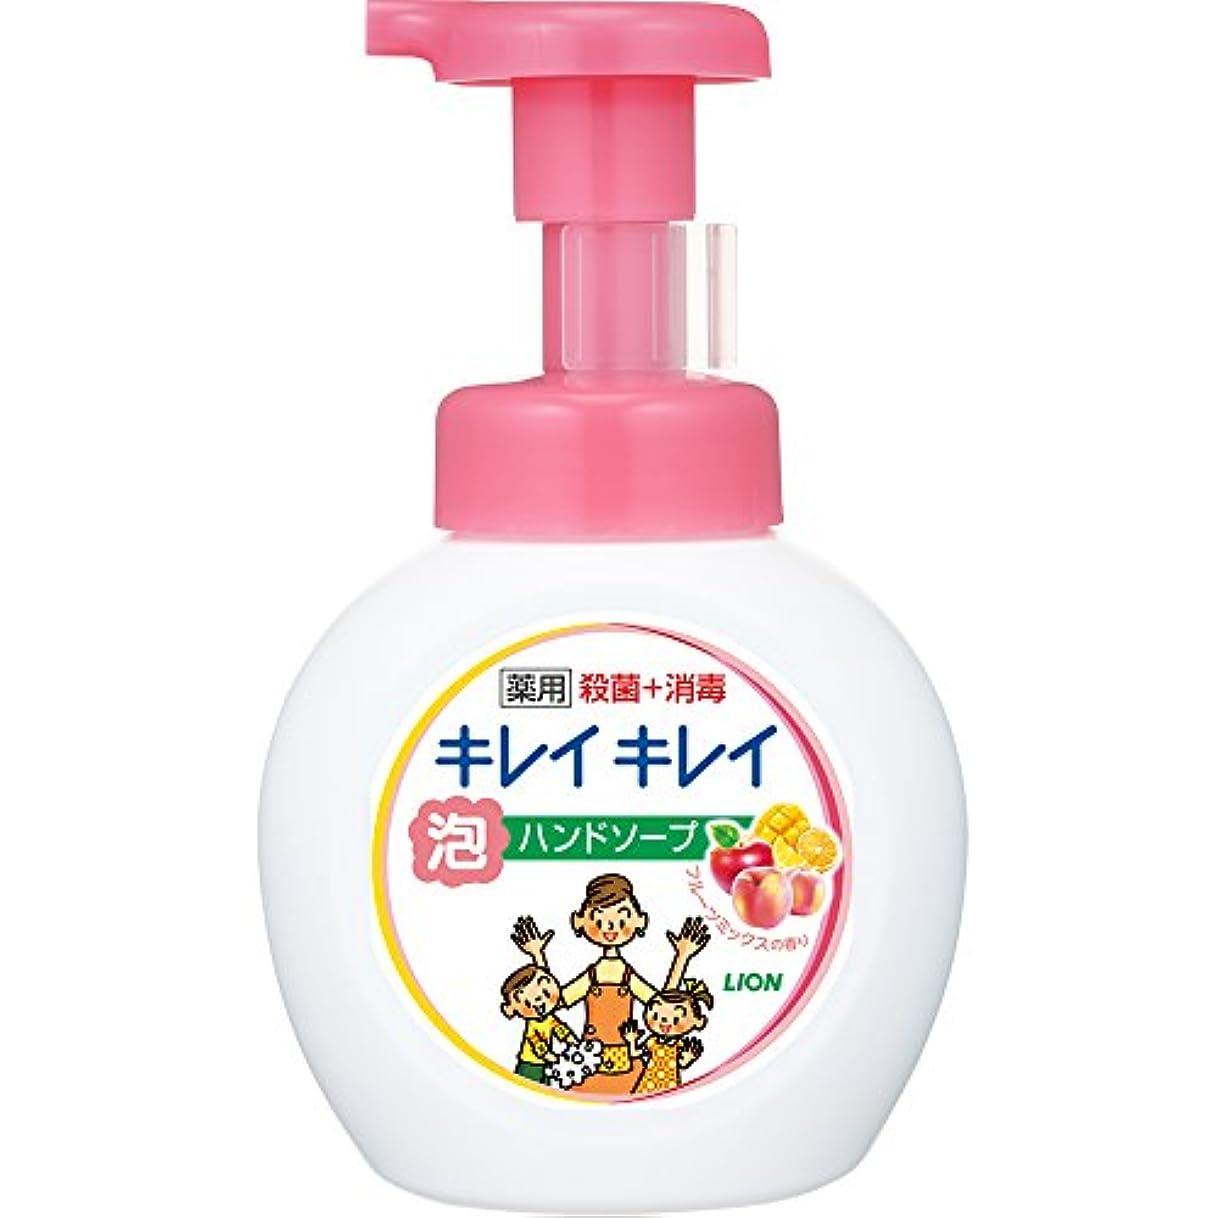 石灰岩オゾン追放するキレイキレイ 薬用 泡ハンドソープ フルーツミックスの香り ポンプ 250ml(医薬部外品)